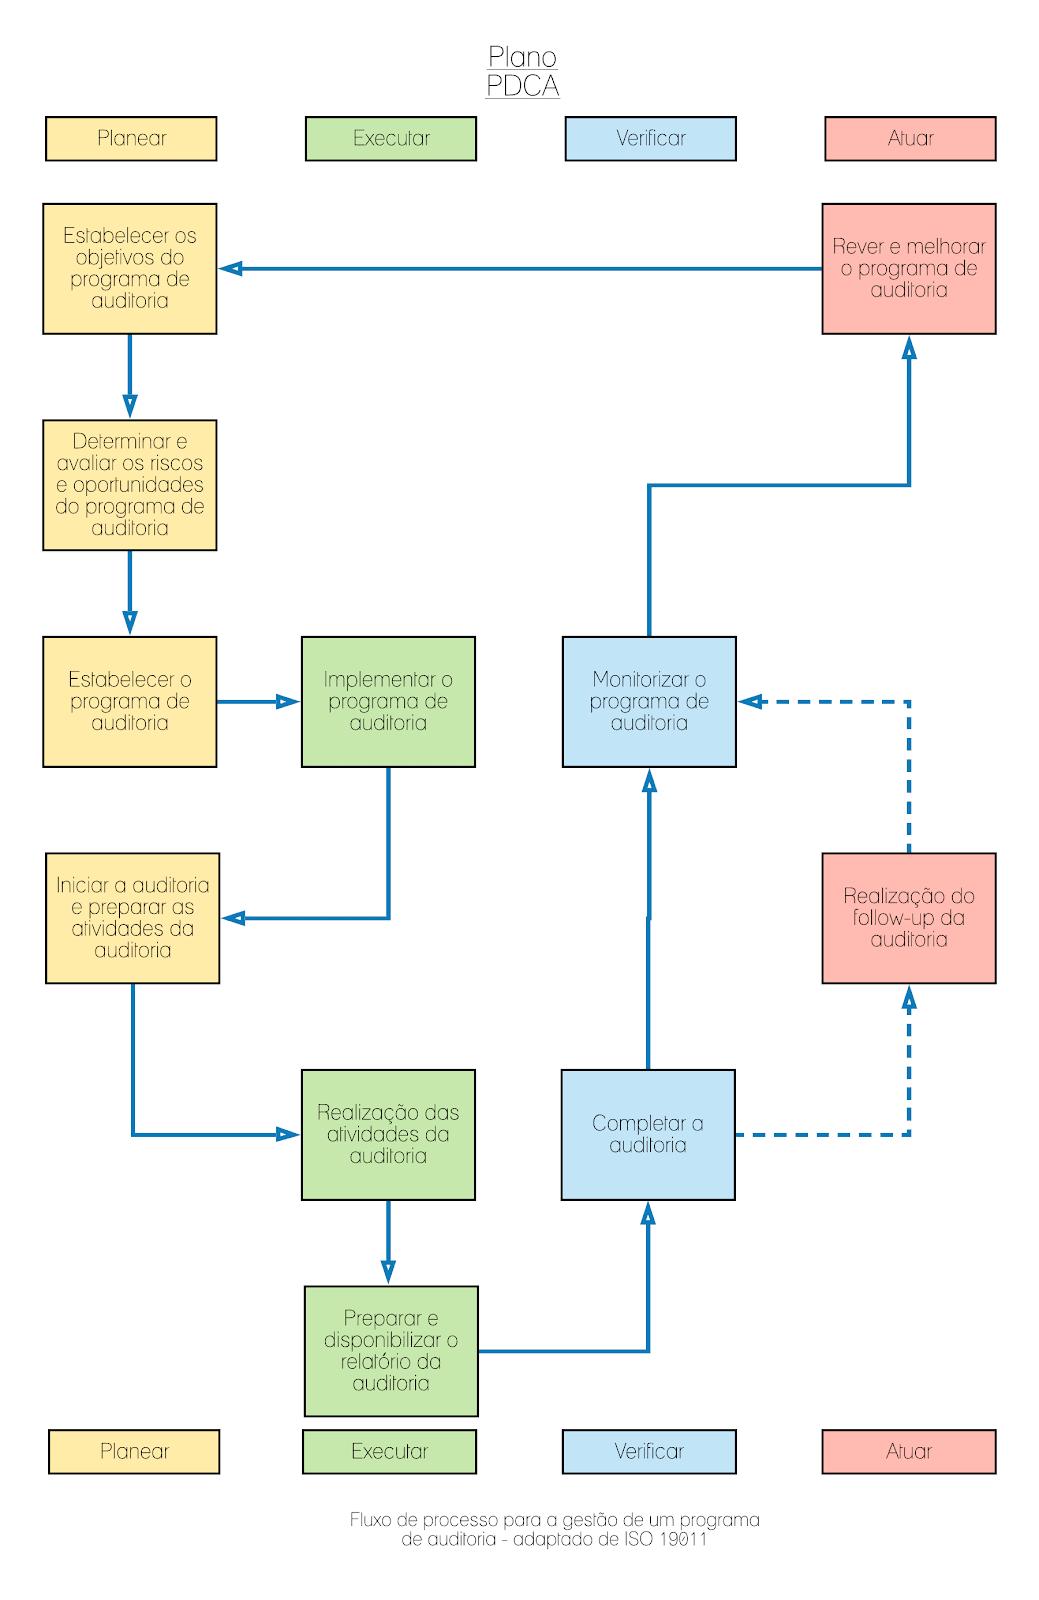 plano pdca